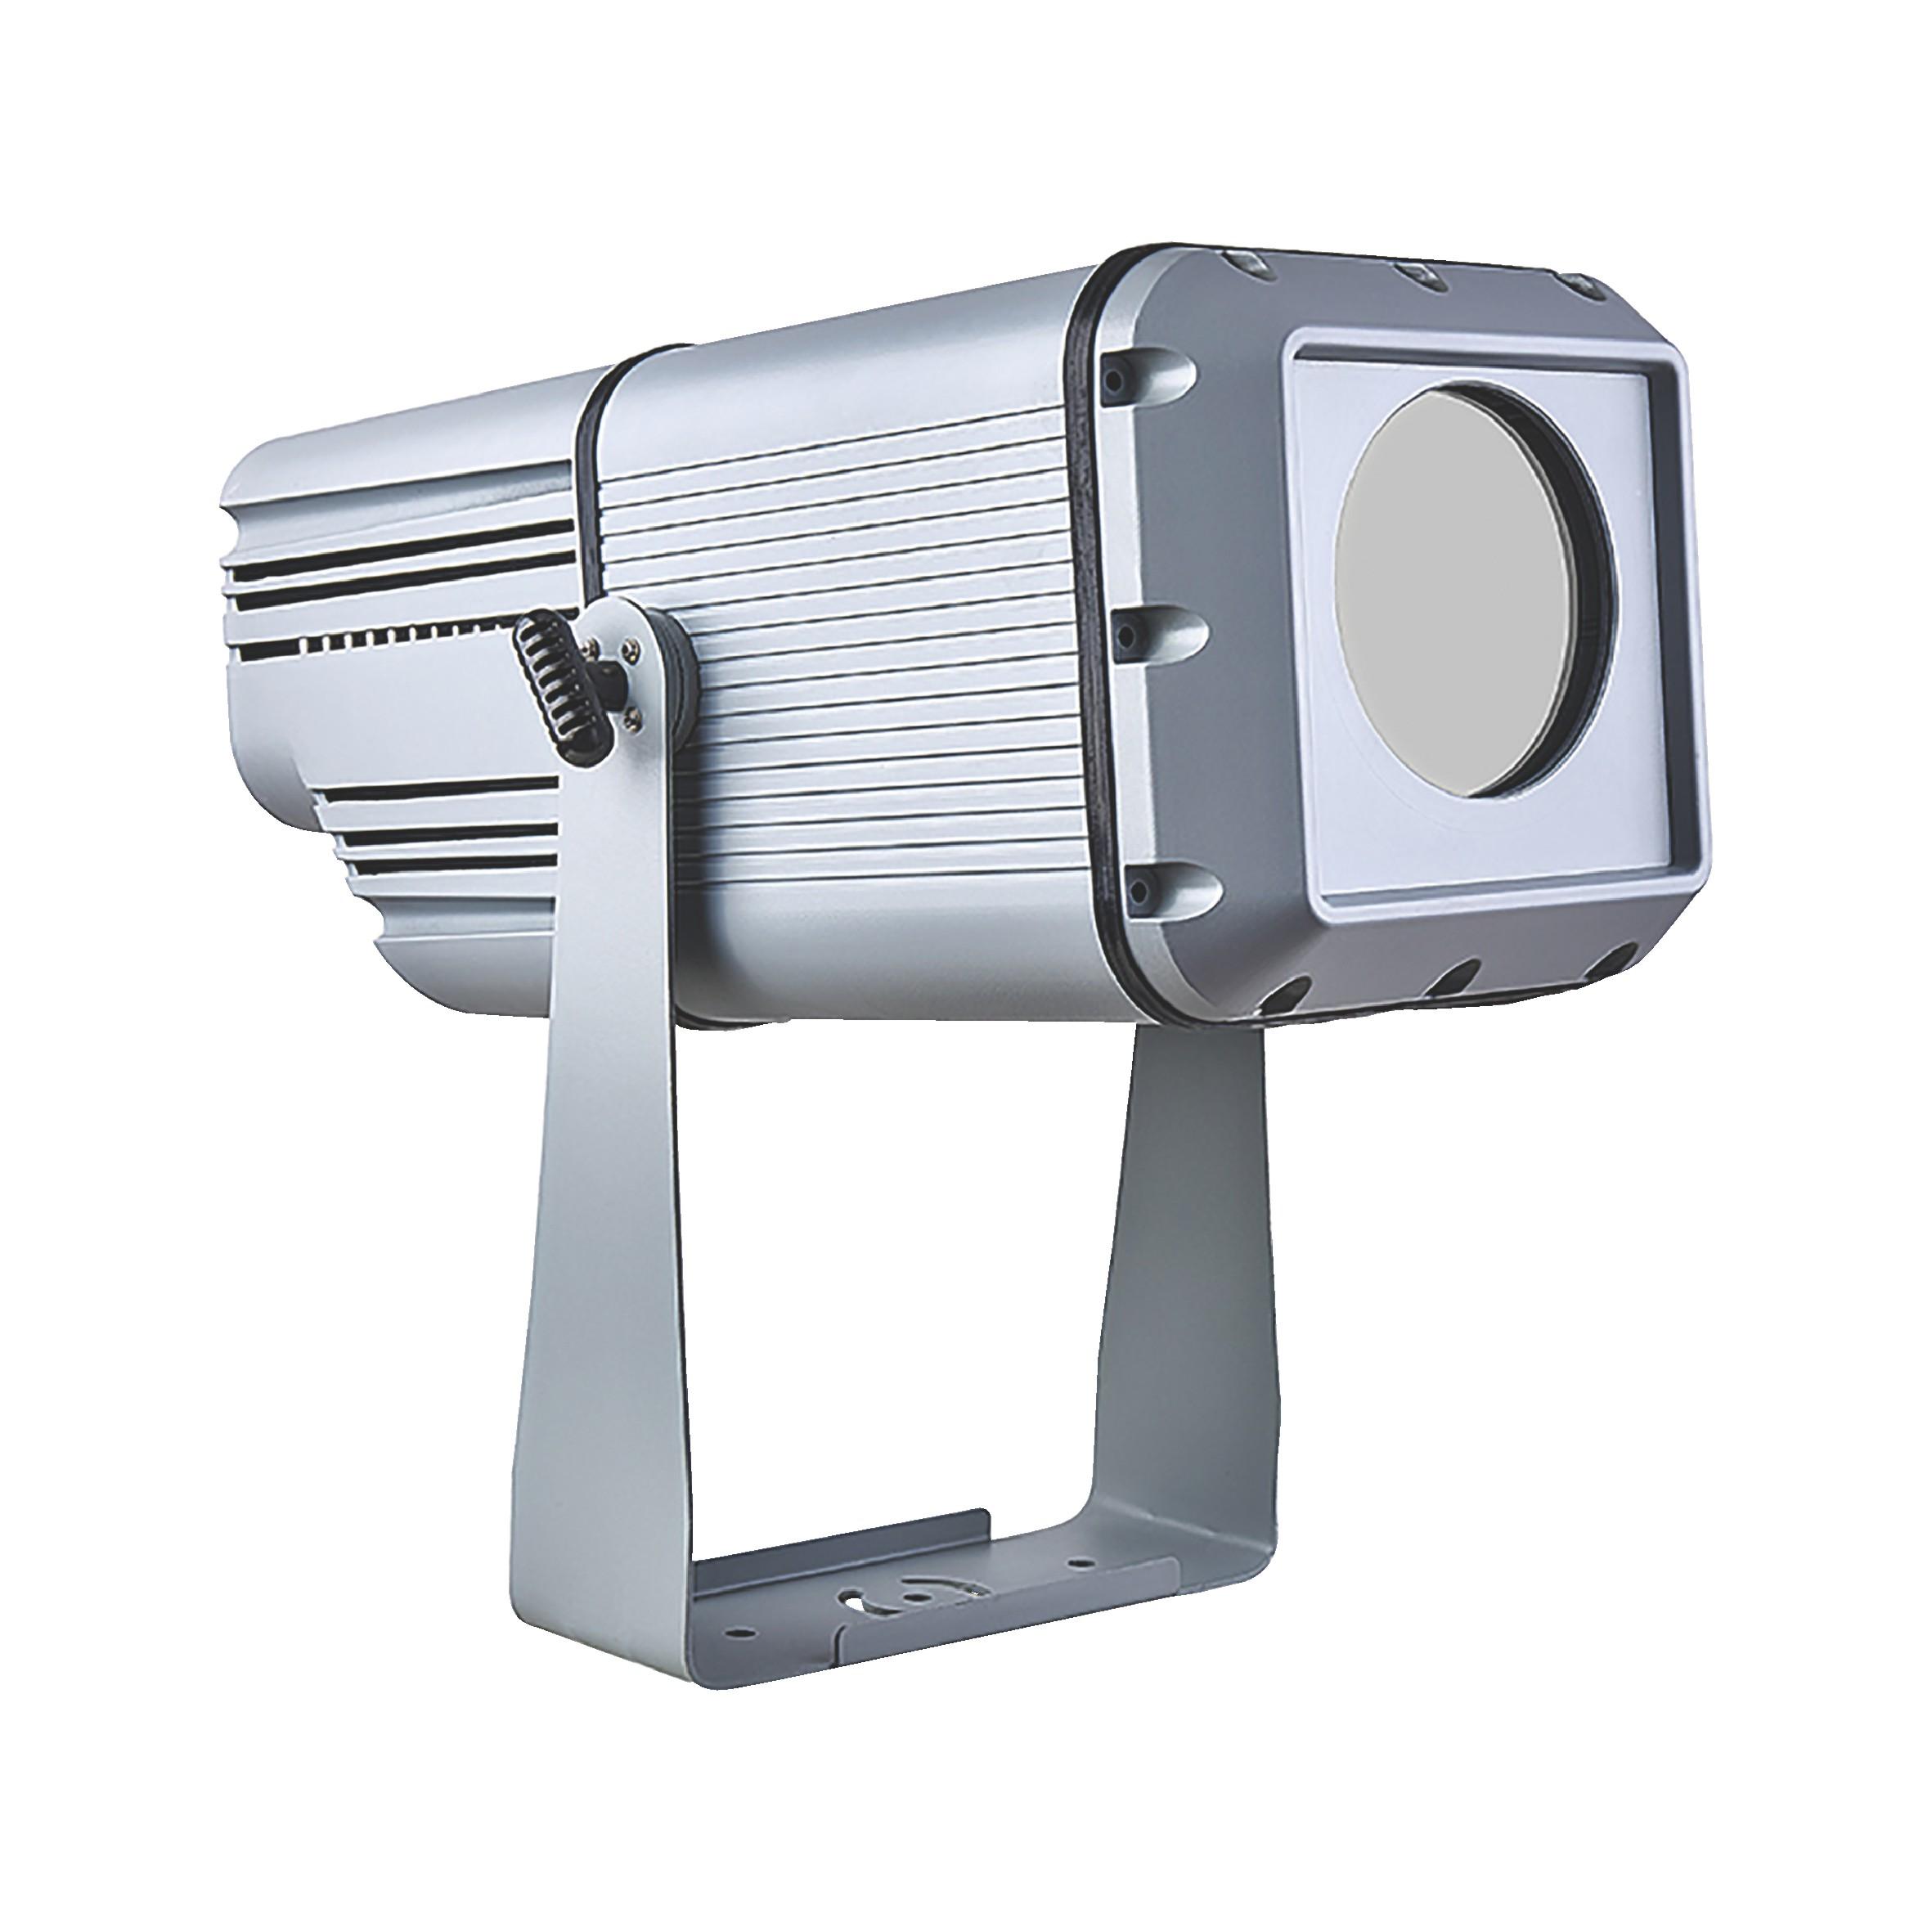 LED户外特效调焦投影灯     KY-LG300AB/KY-LG400AB/KY-LG500AB/KY-LG600AB